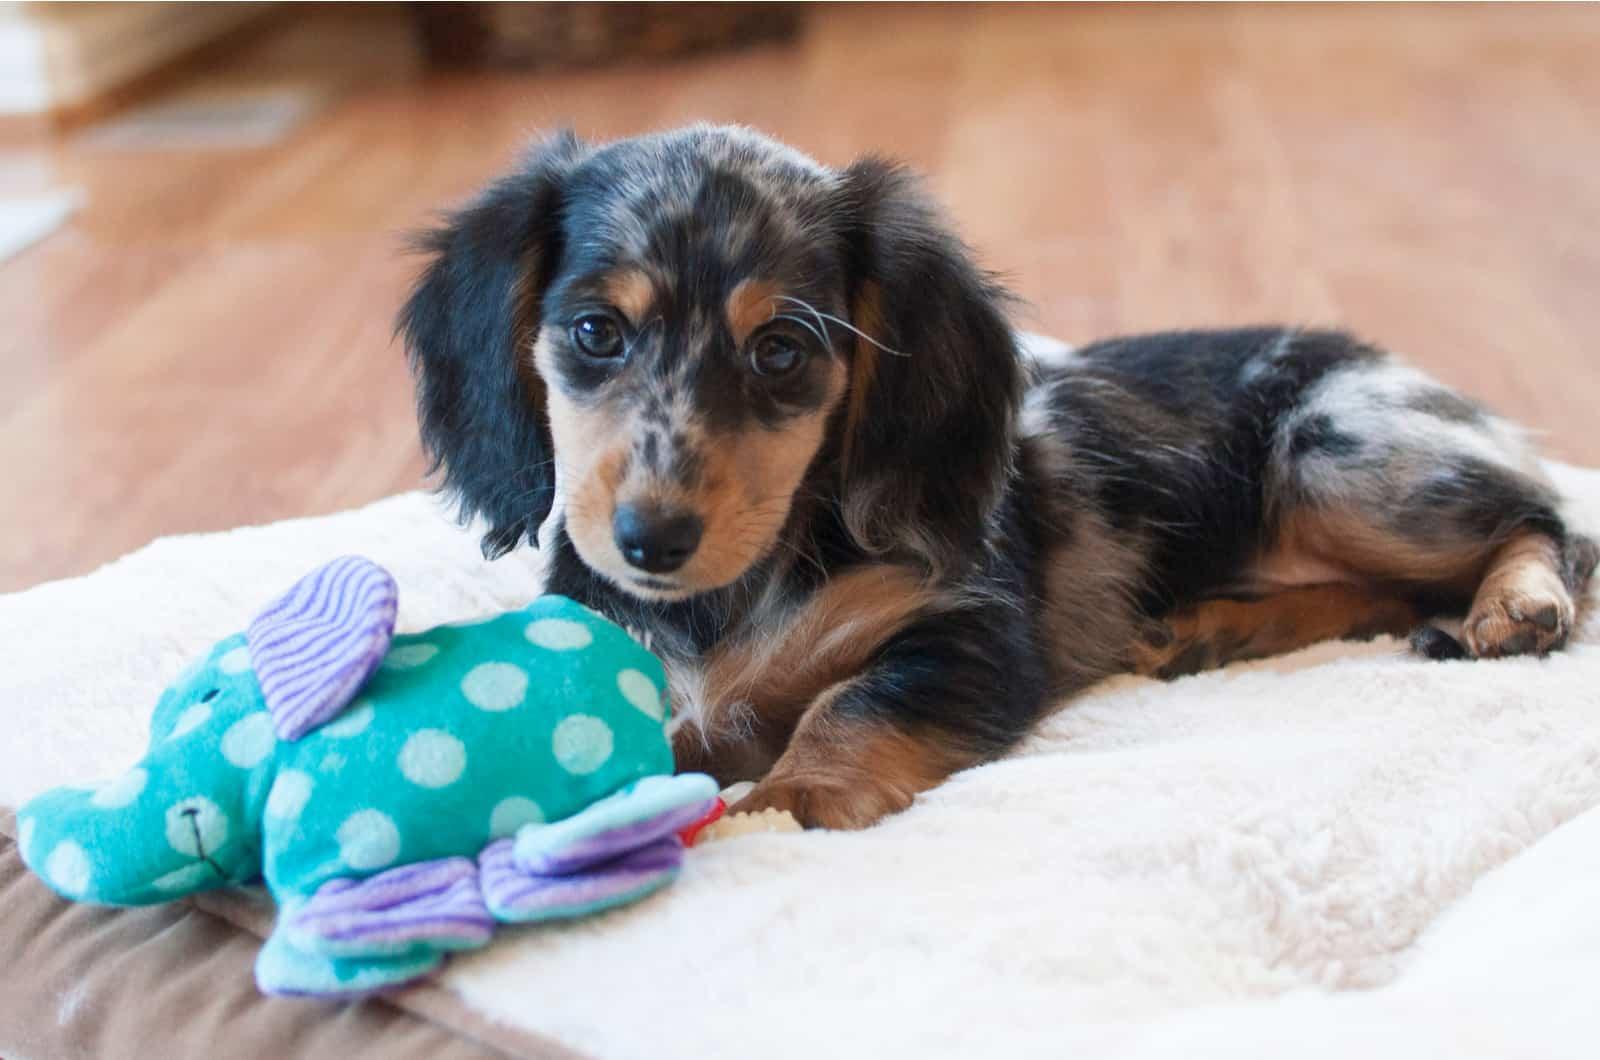 dapple dachshund puppy with toy